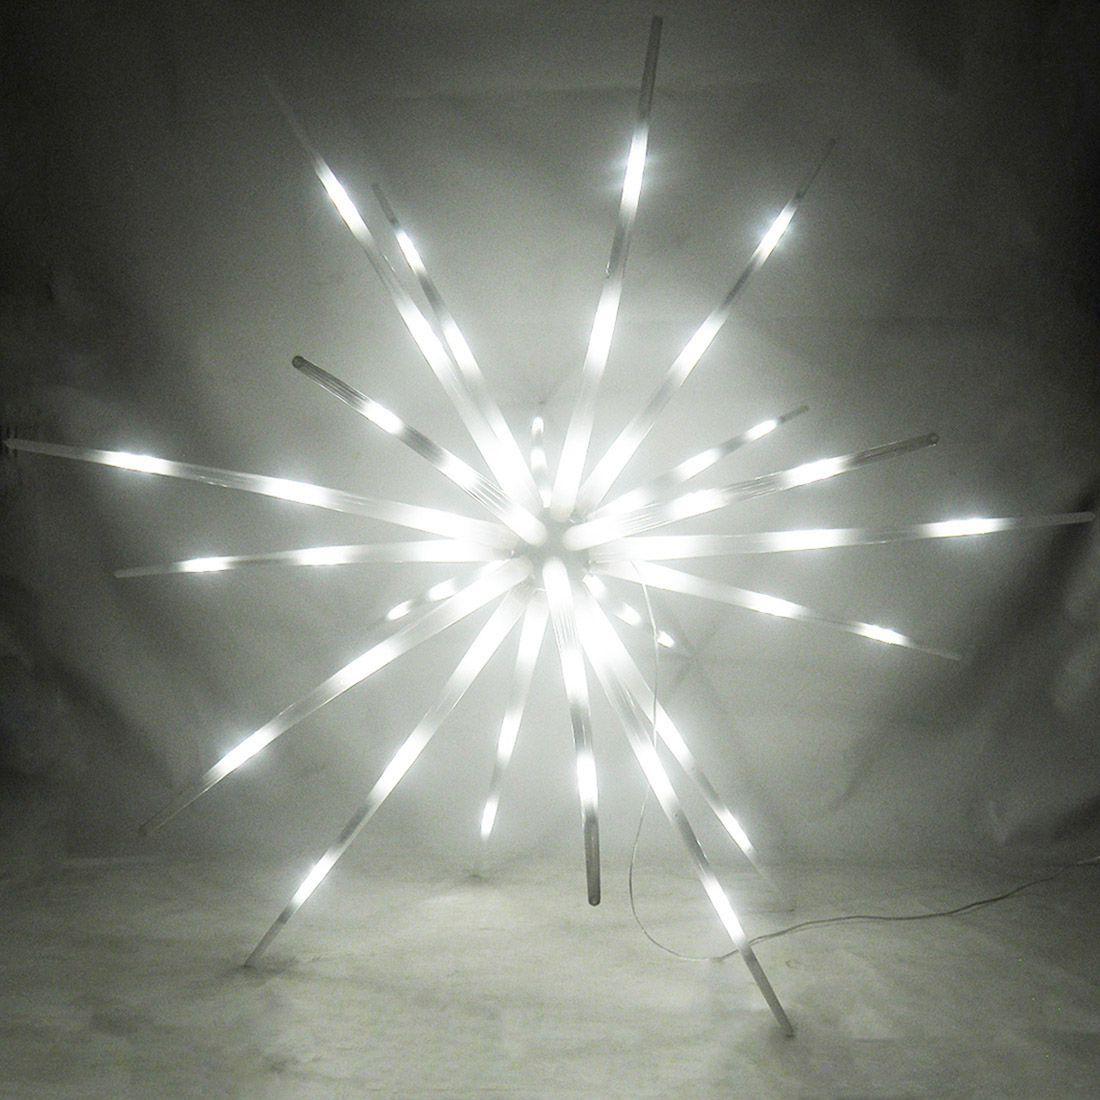 Sputnik Estrela 400 Leds Luz Natal Aniversarios Eventos Festa Dj Ourico Bivolt